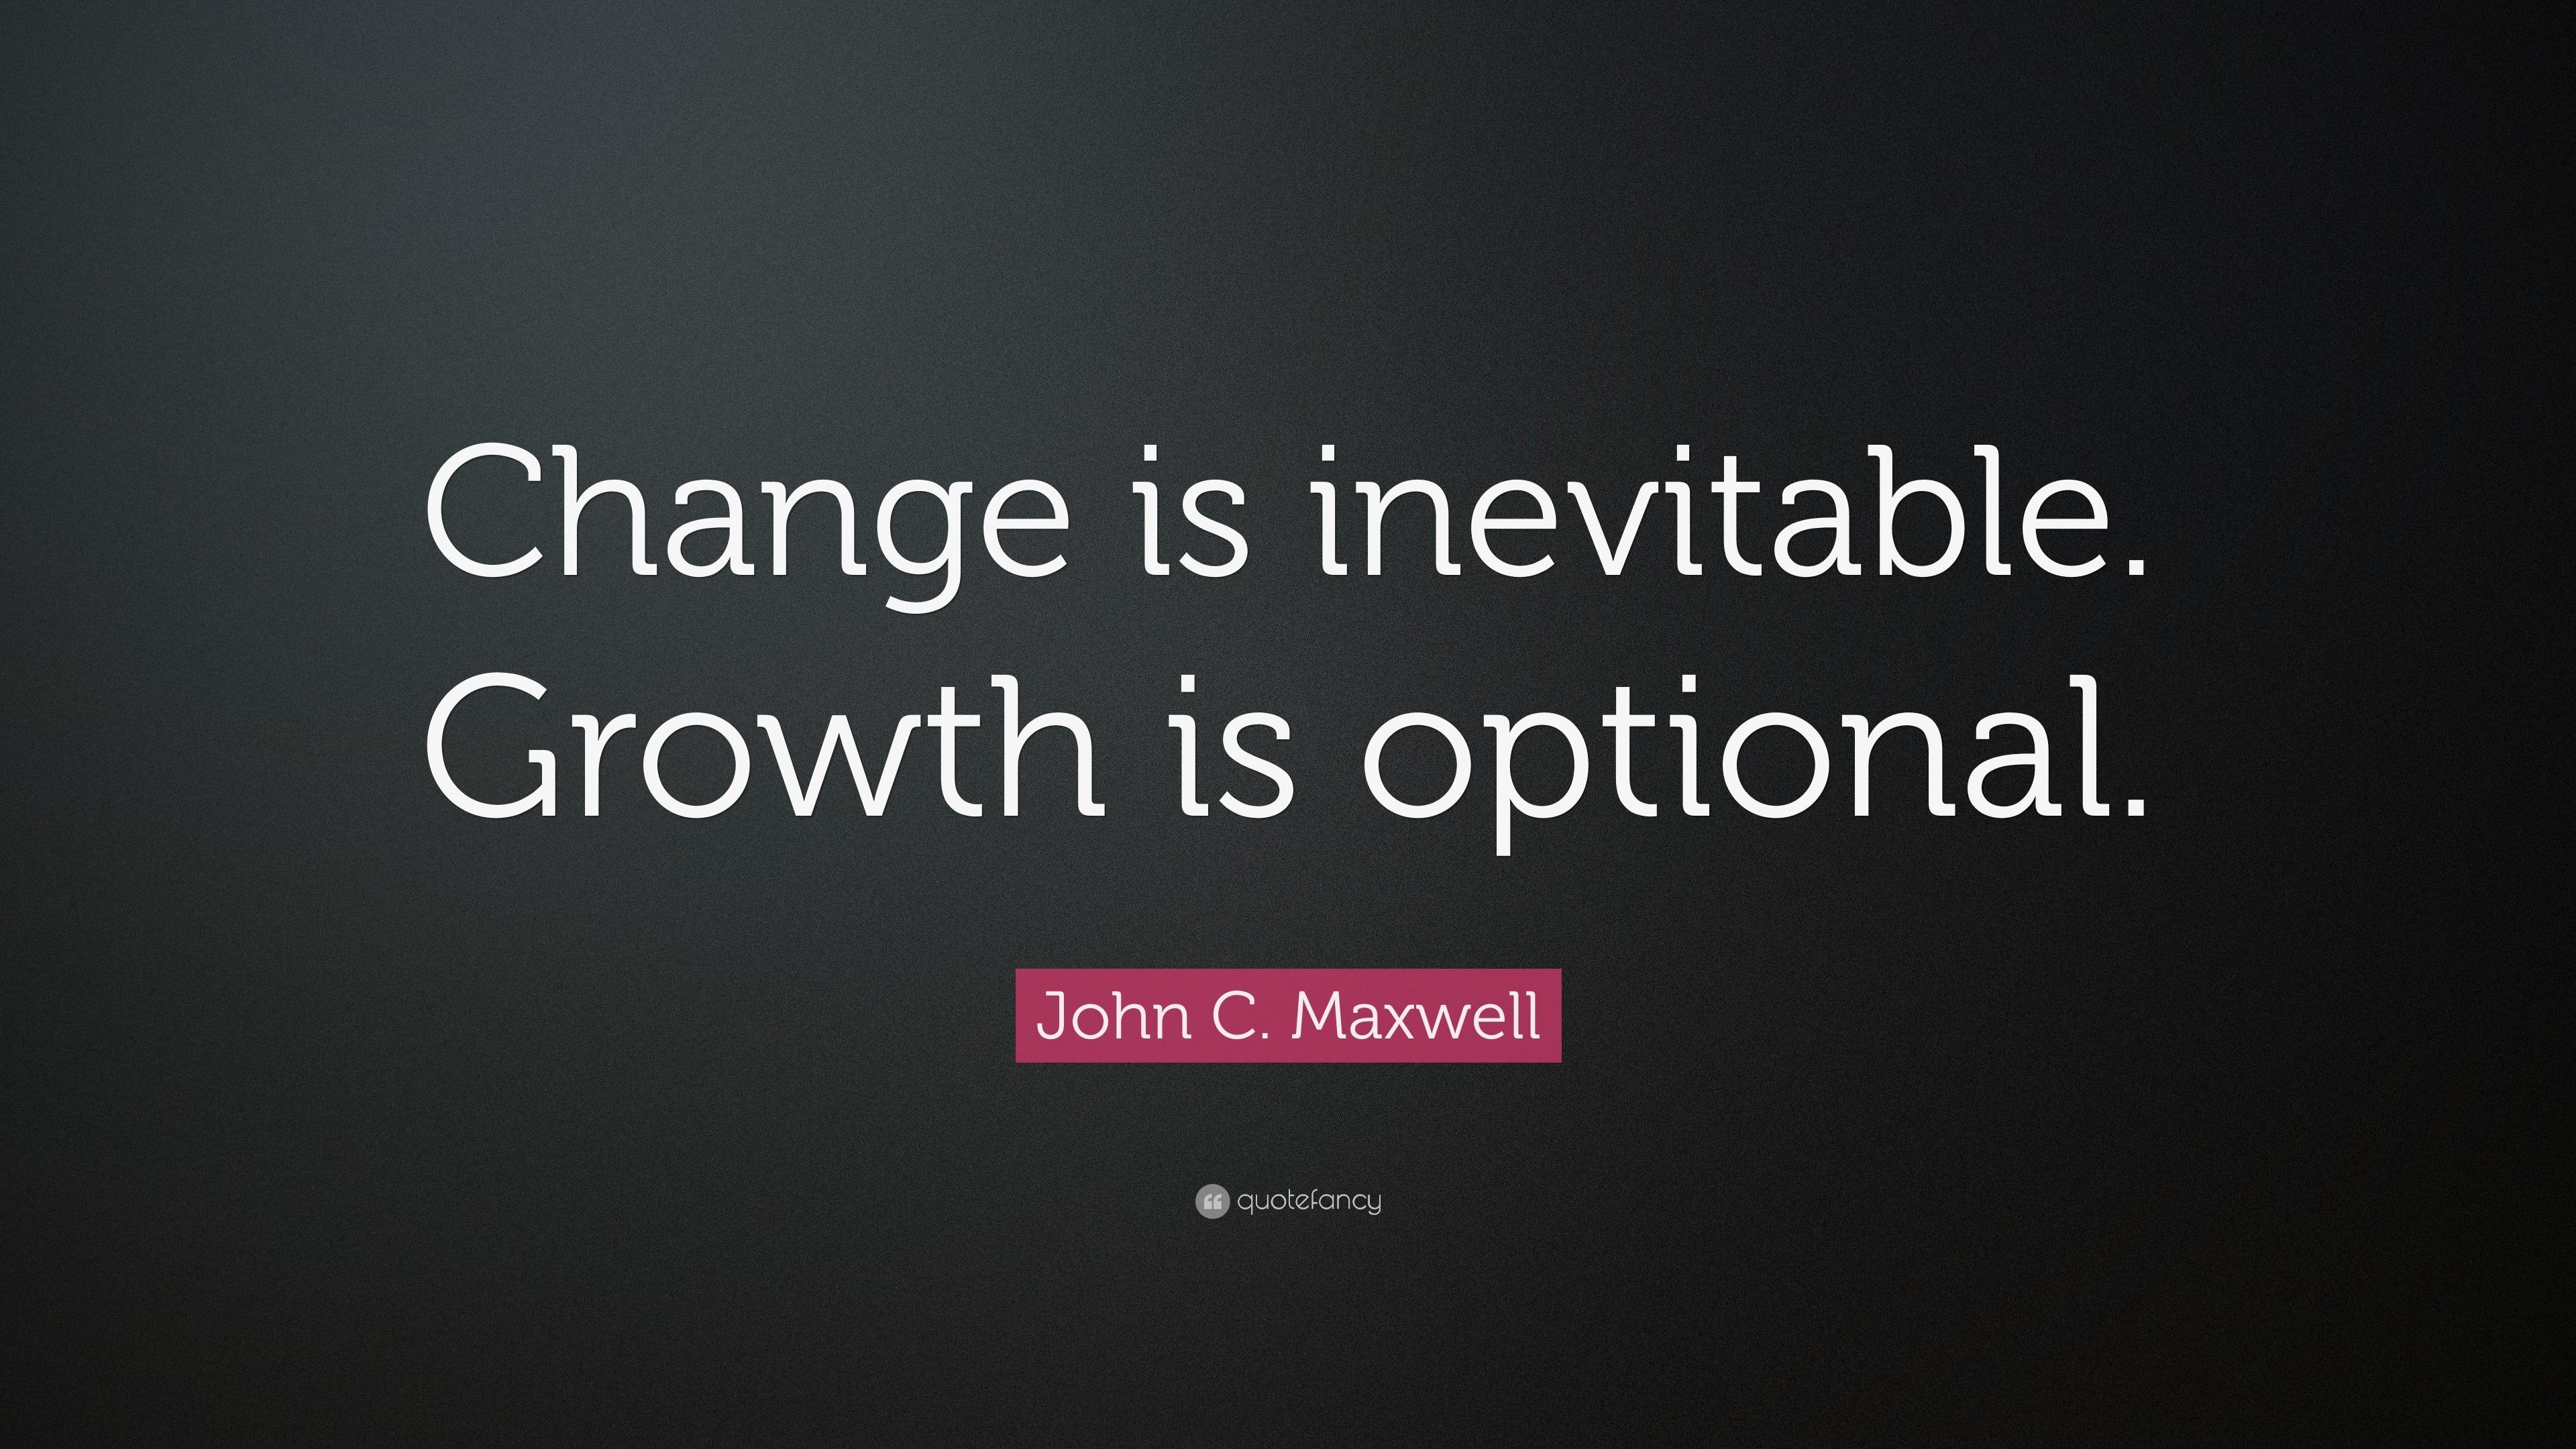 change is inevitable Be the change.